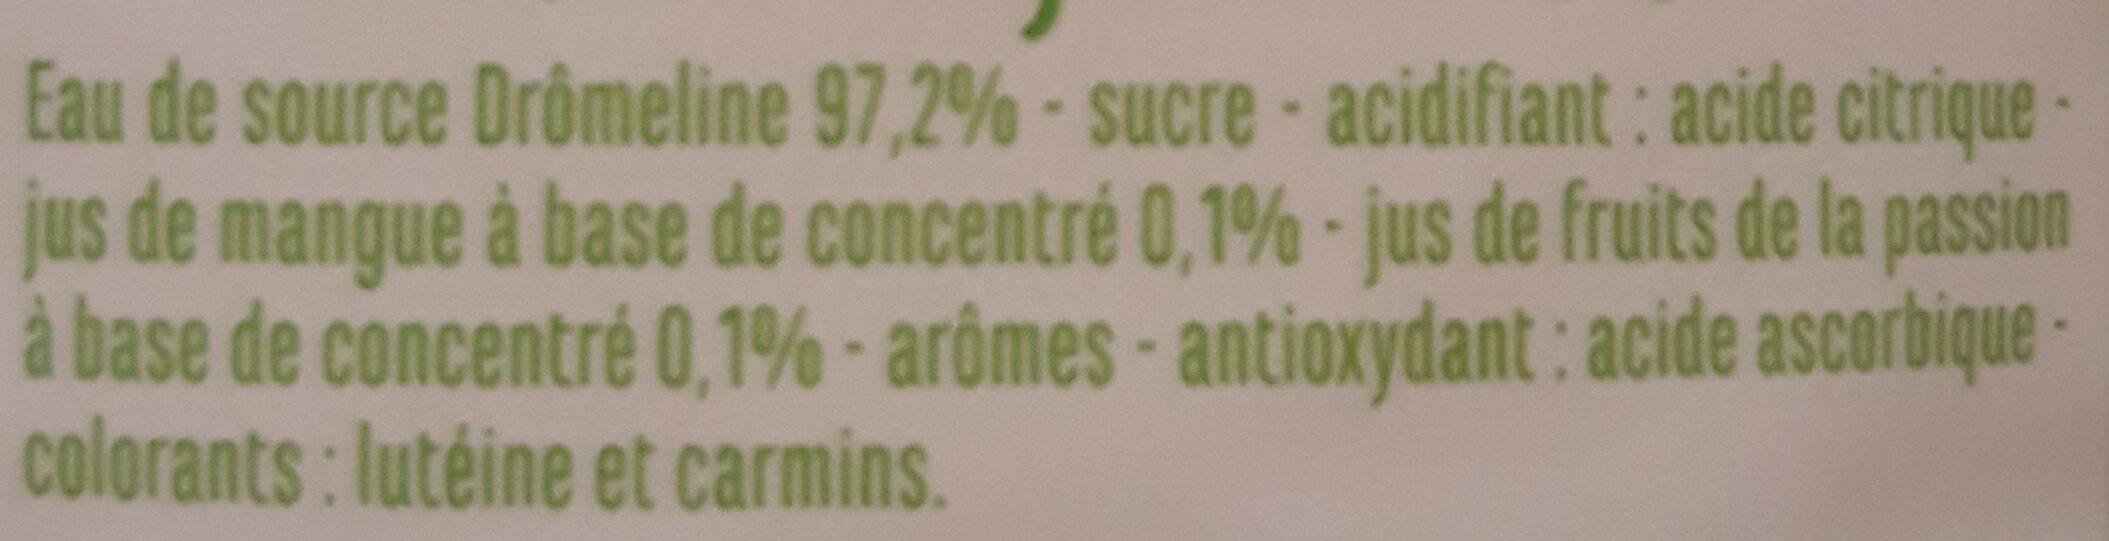 Eau aromatisée saveur tropical - Ingrédients - fr